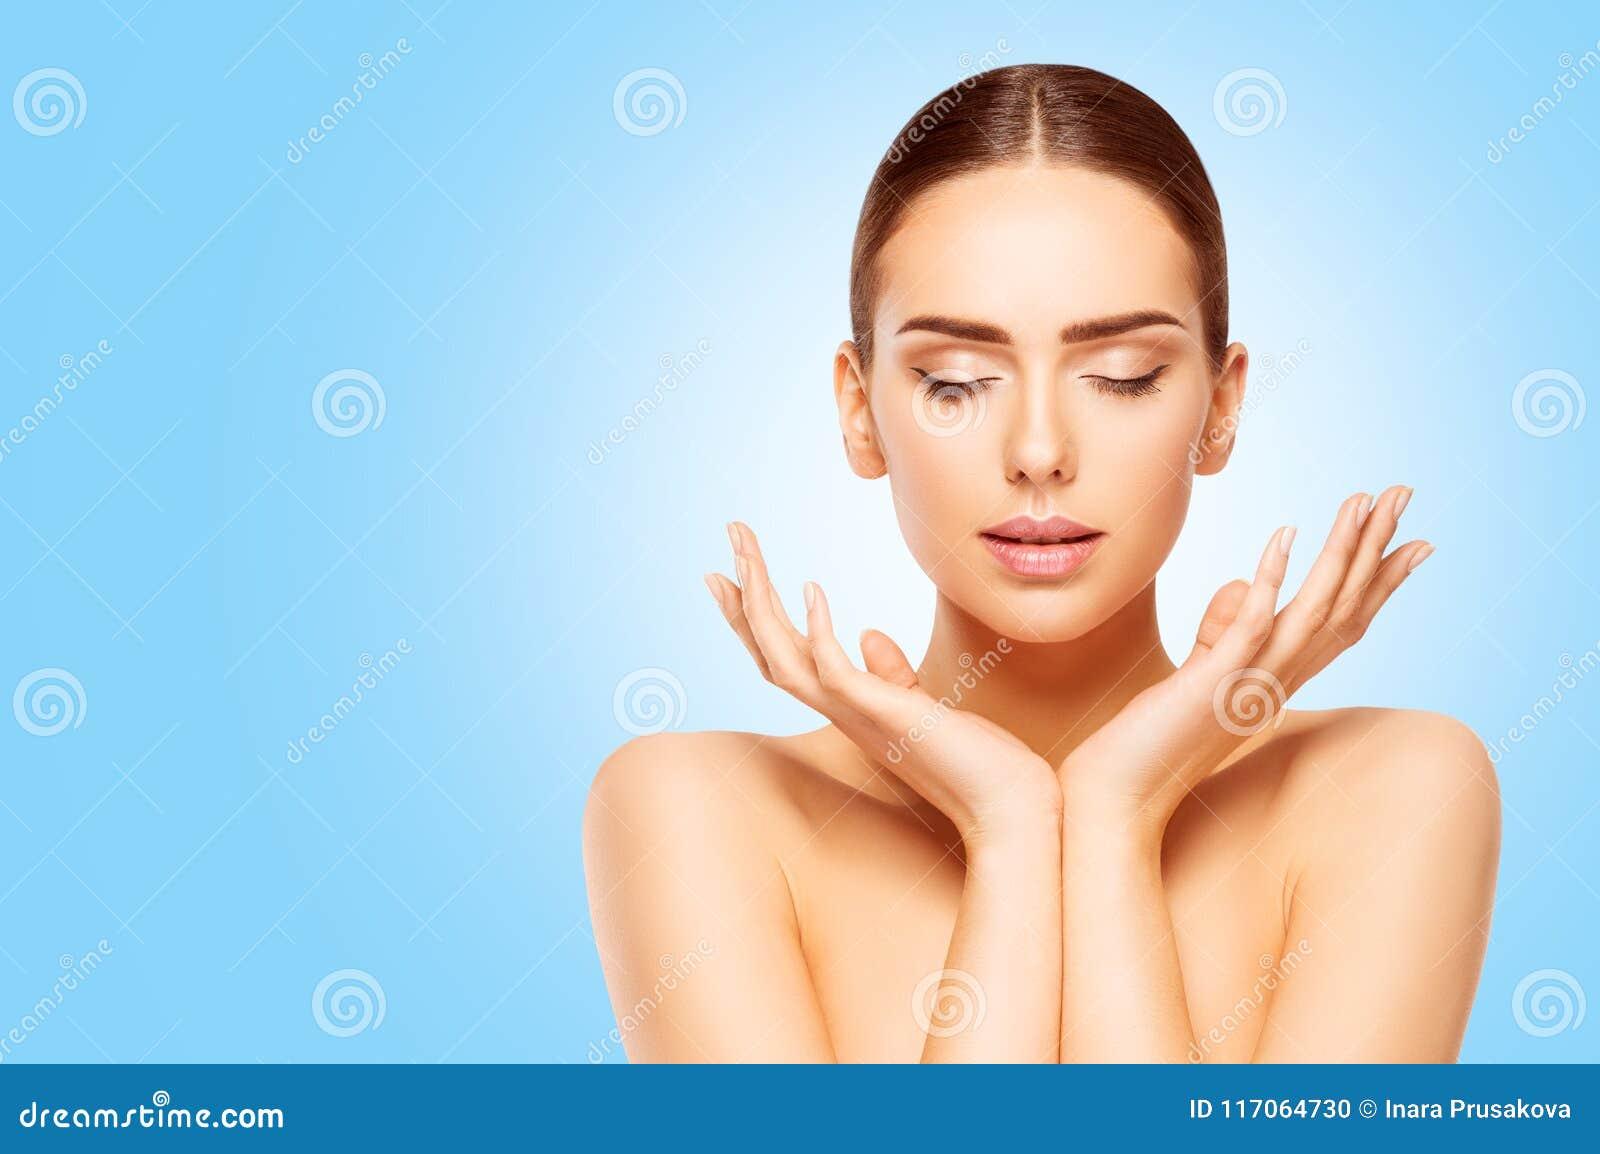 Η φροντίδα δέρματος προσώπου και ομορφιάς χεριών, γυναίκα φυσική αποτελεί, διαμορφώνει σύμφωνα με το μπλε